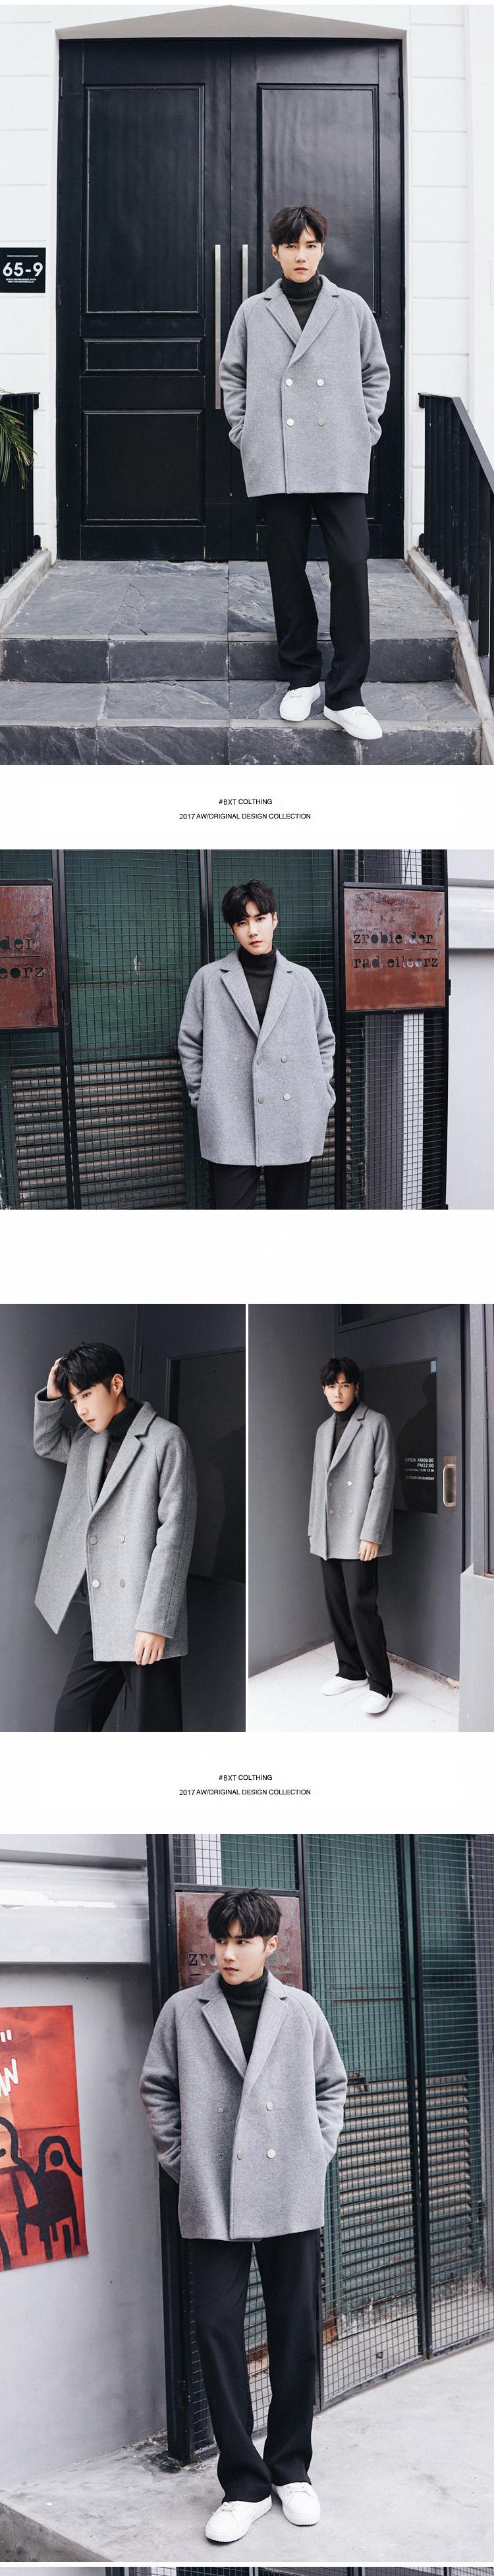 MRCYC Hàn Quốc phiên bản của raglan tay áo len áo khoác nam xu hướng rắn màu lỏng đôi ngực áo len áo khoác áo khoác thủy triều